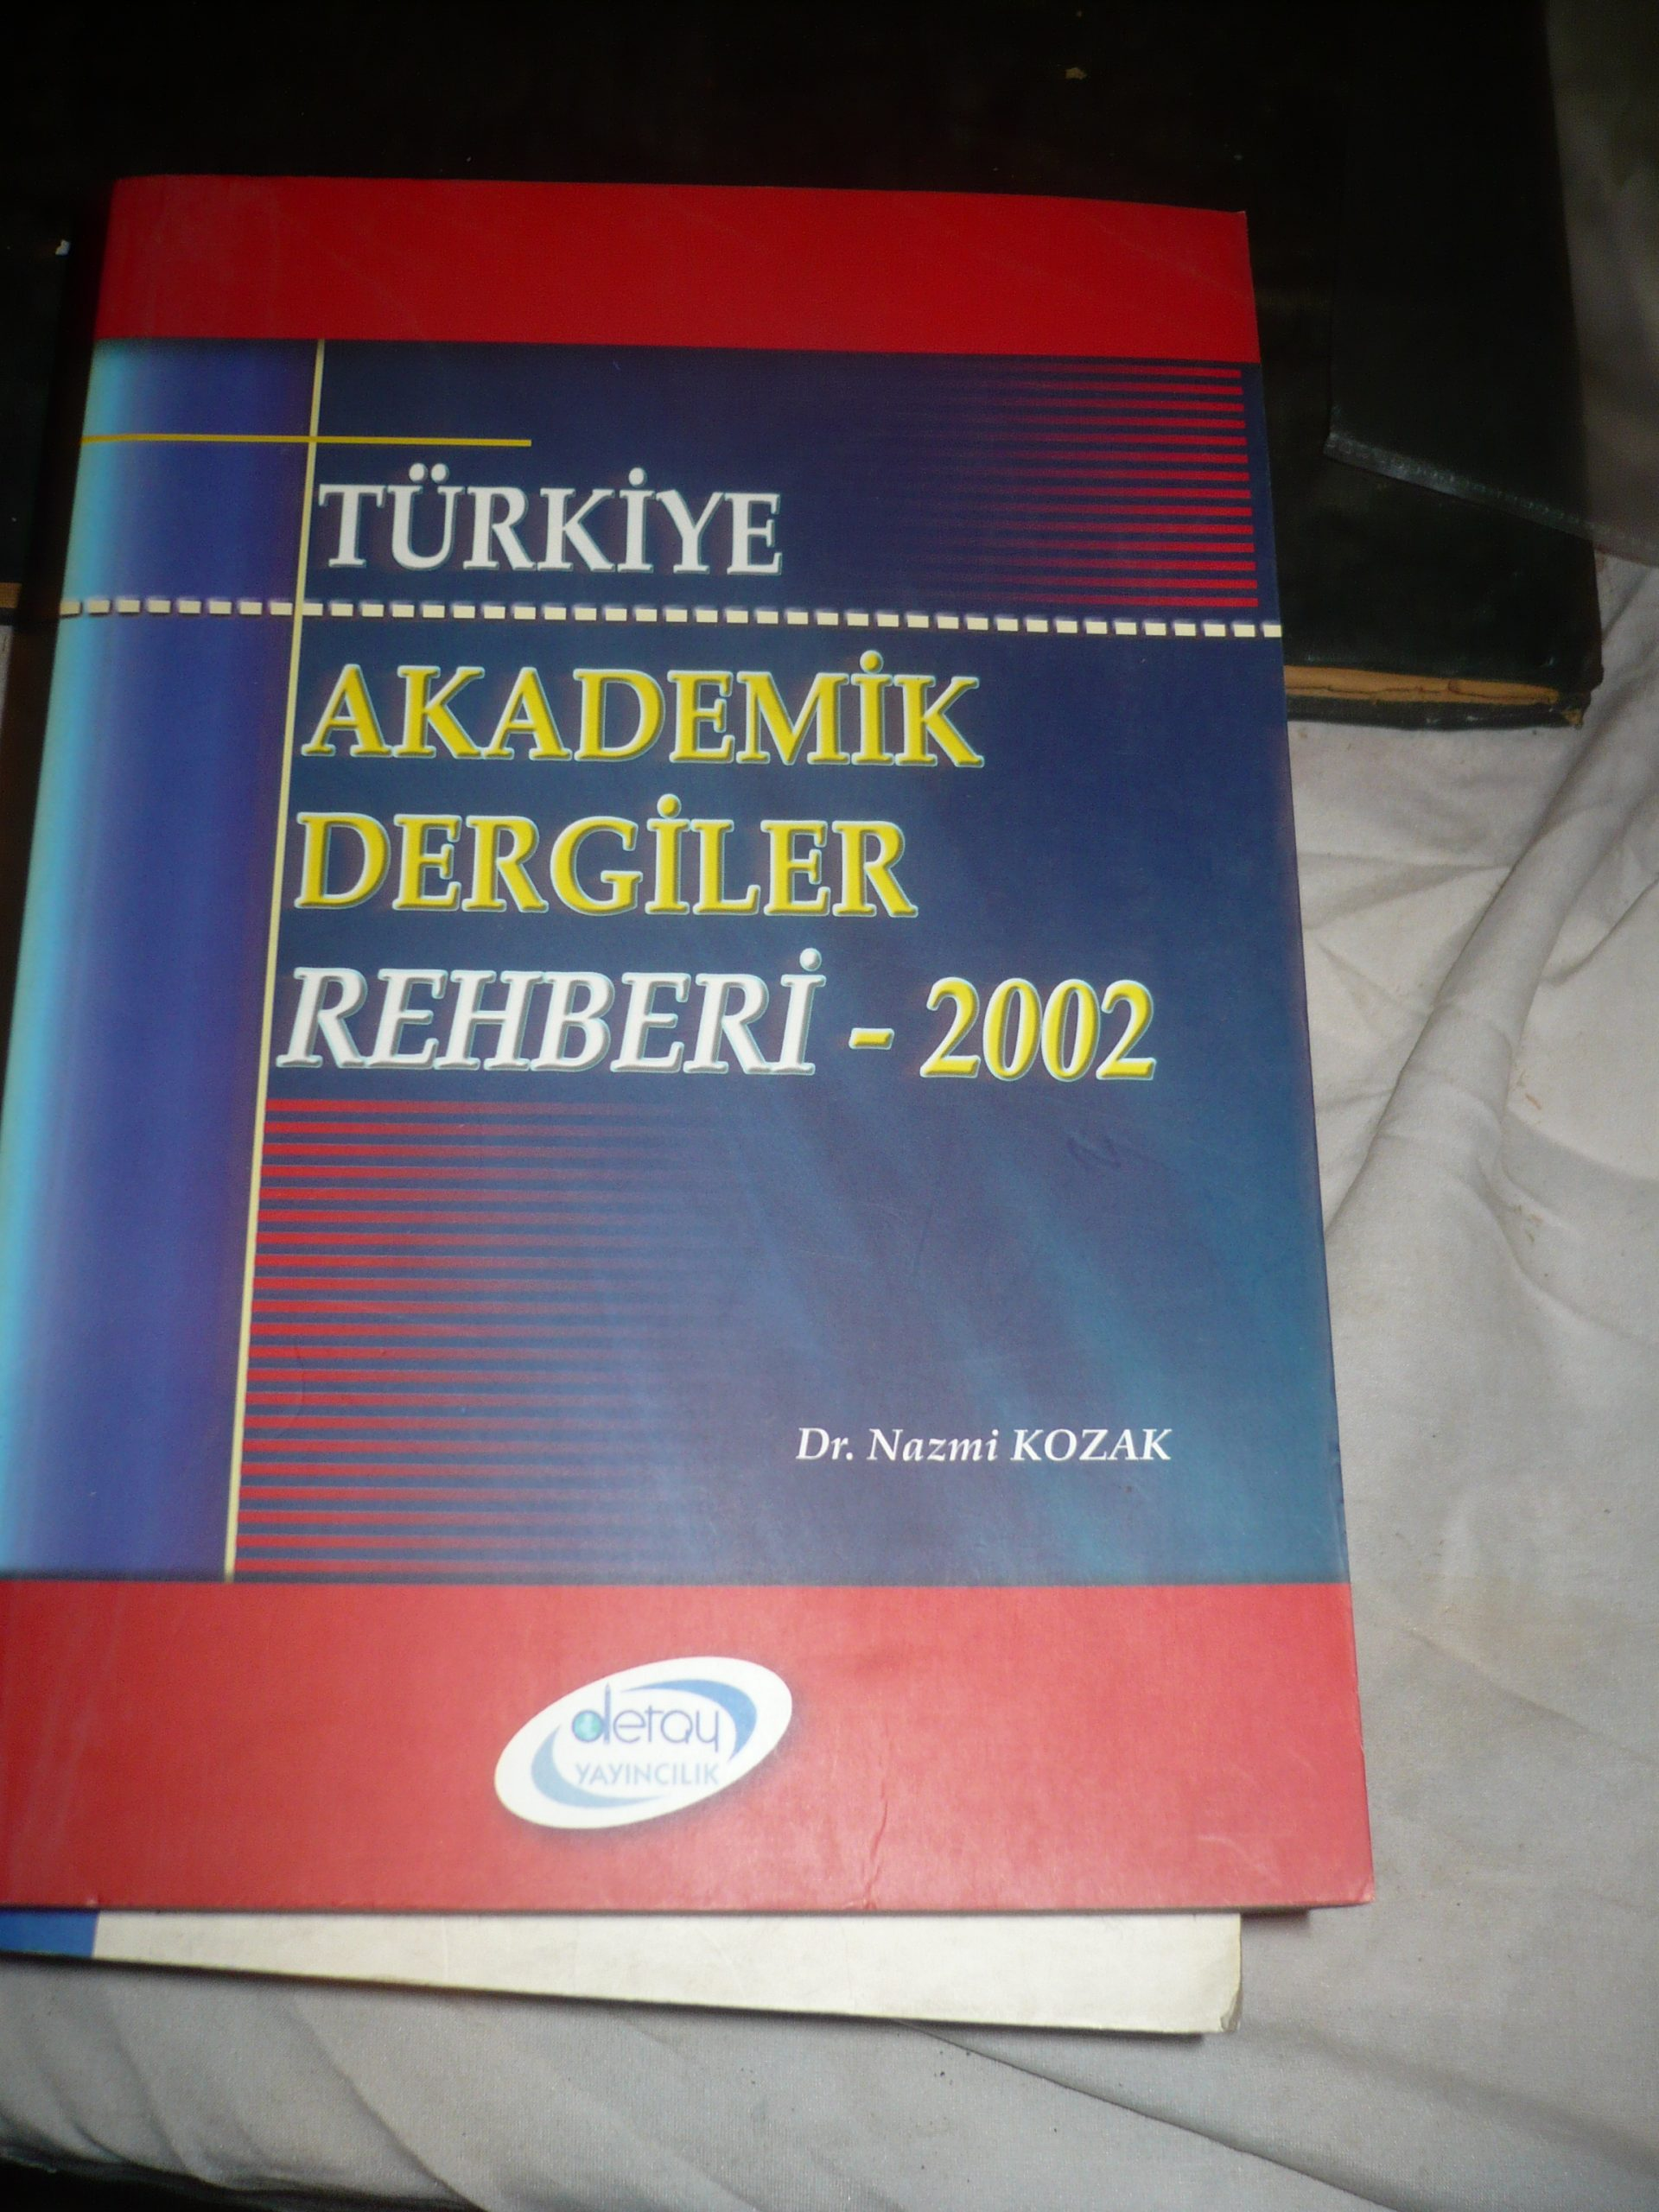 TÜRKİYE AKADEMİK DERGİLER REHBERİ-2002/Nazmi Kozak/ 15 TL